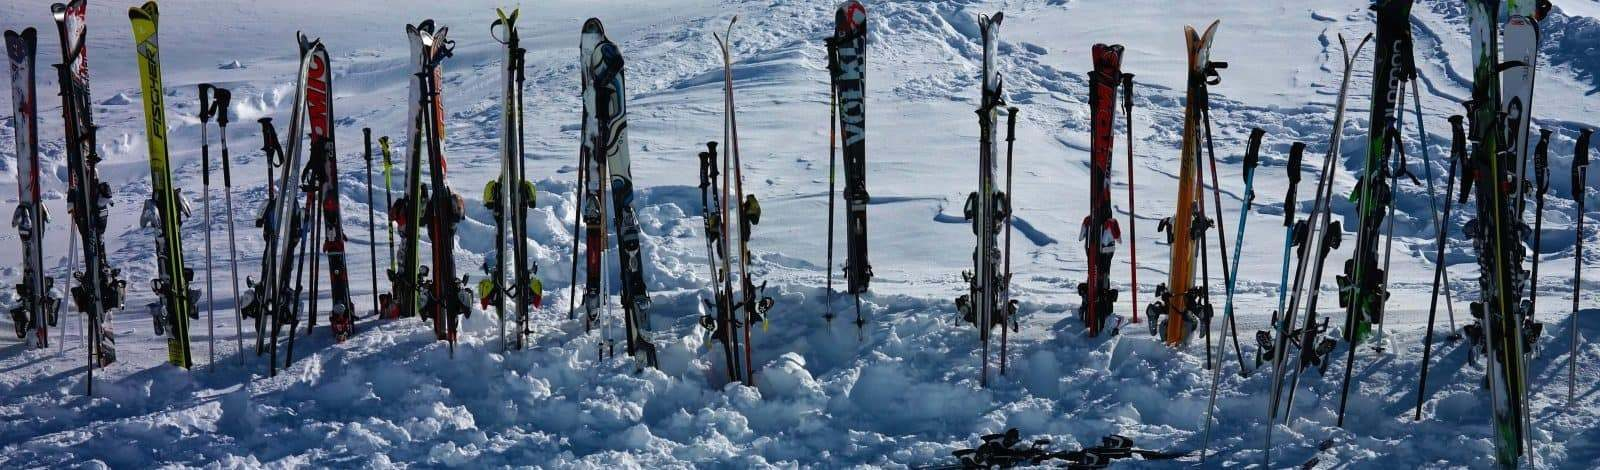 Ski Poles 999264 2